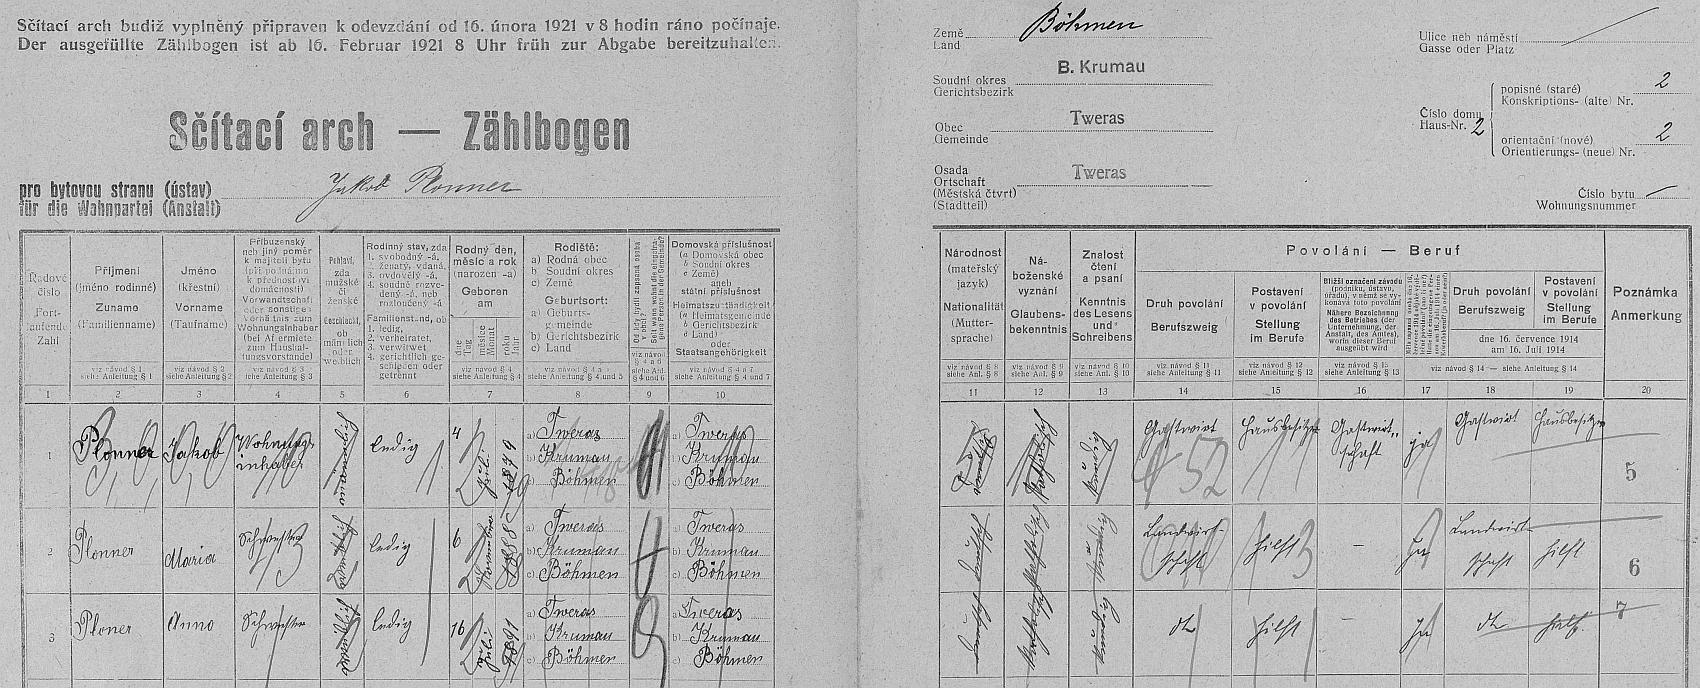 Arch sčítání lidu z roku 1921 pro stavení čp. 2 ve Svérazi s ještě svobodným tatínkem jako majitelem a jeho sestrami